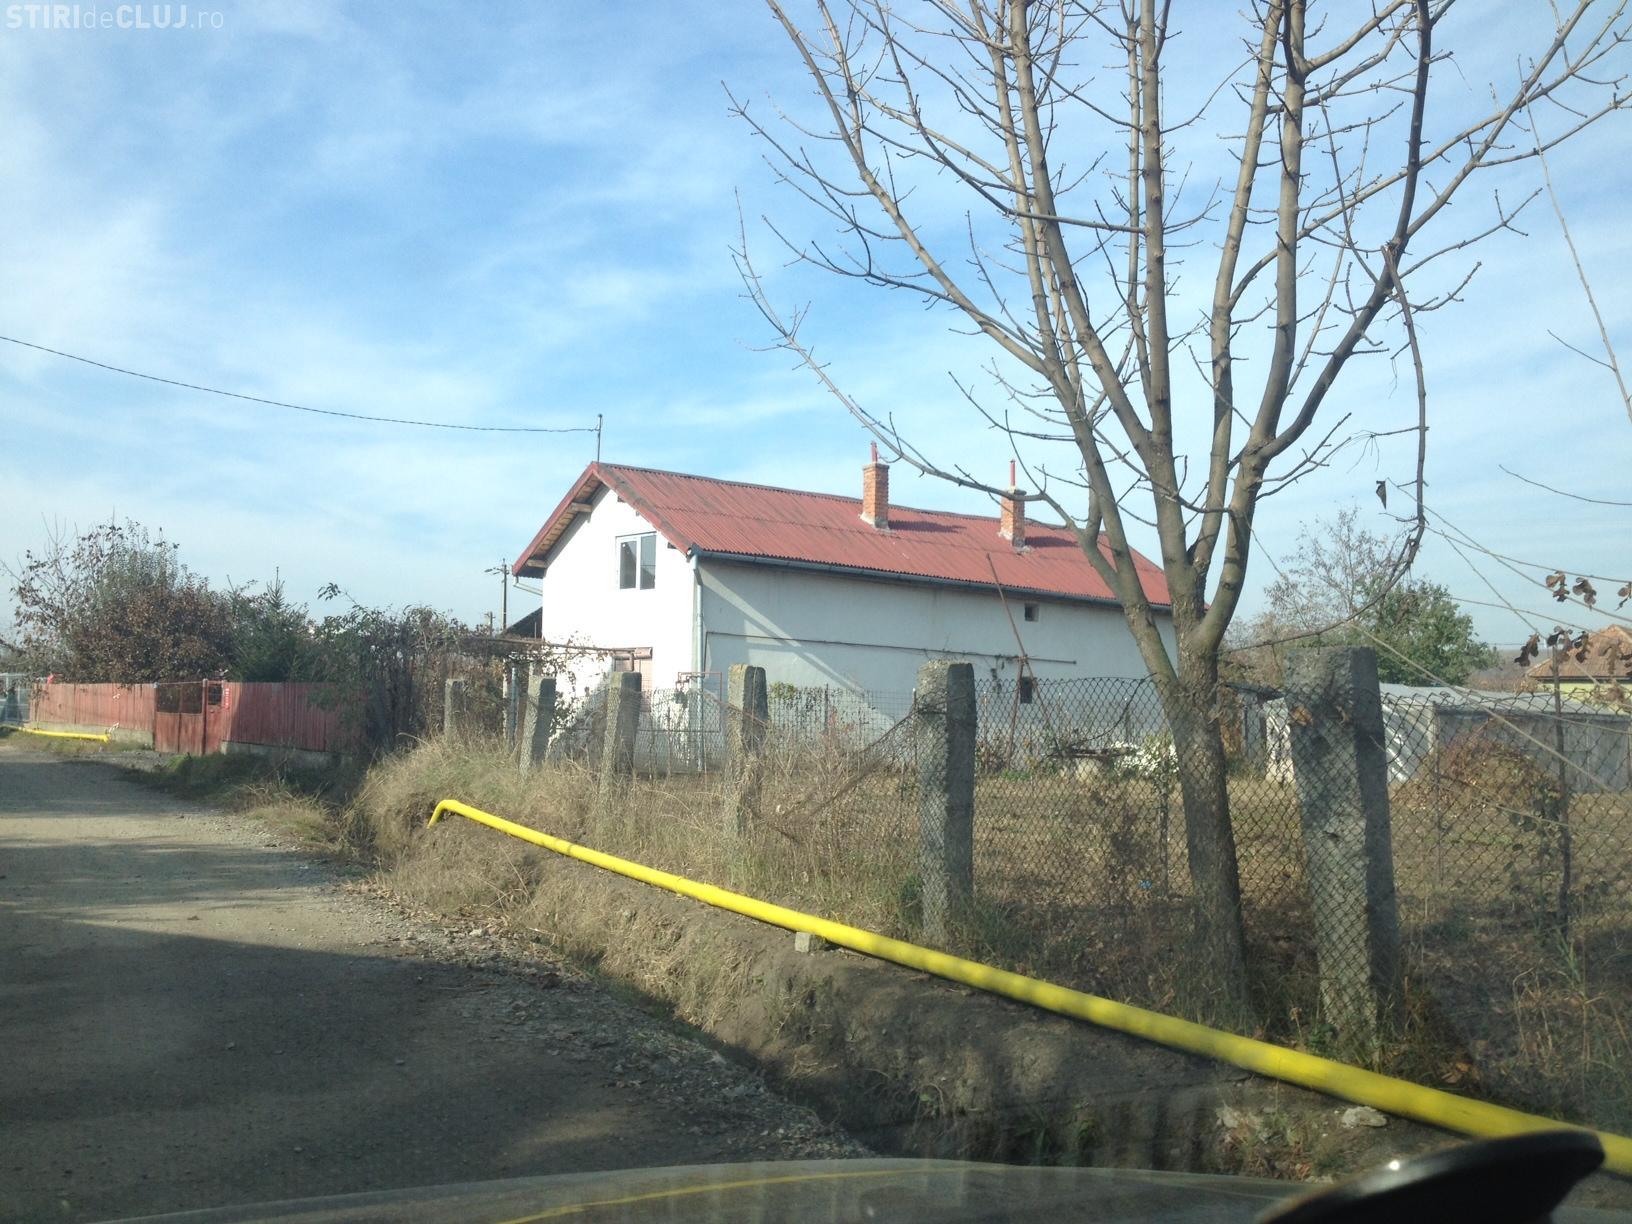 Clujenii stau fără gaz, în FRIG, în plină iarnă și Tribunalul nu se grăbește să le facă DREPTATE